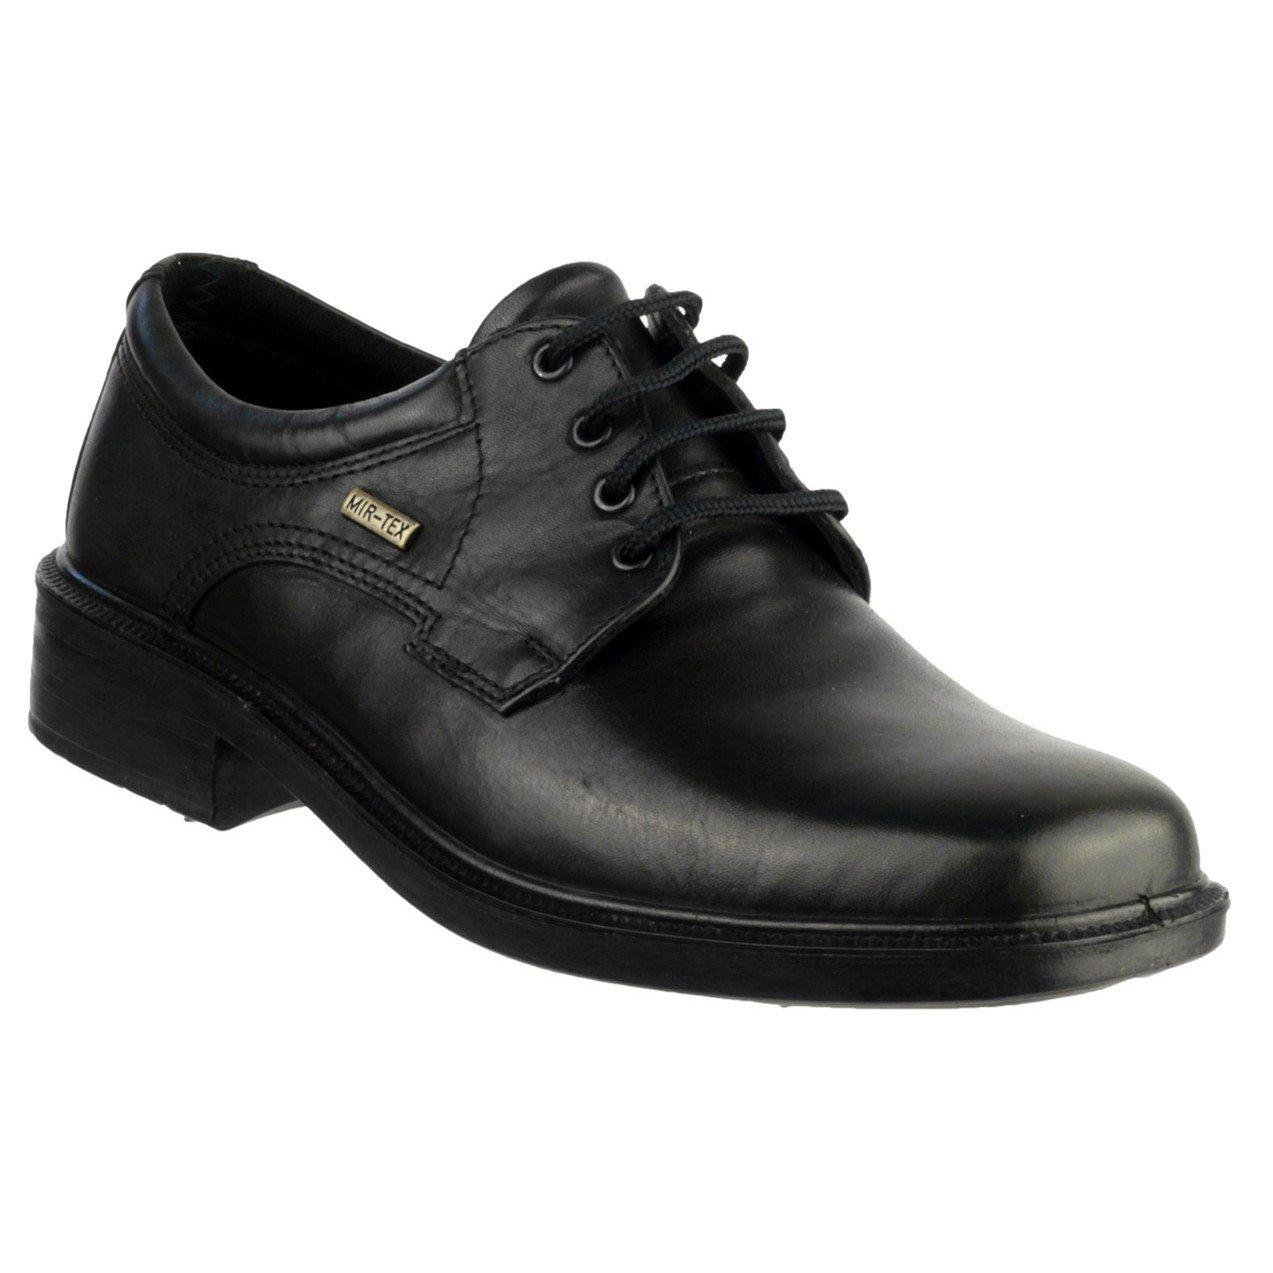 Cotswold Men's Sudeley Waterproof Shoe Various Colours 32970 - Black 7